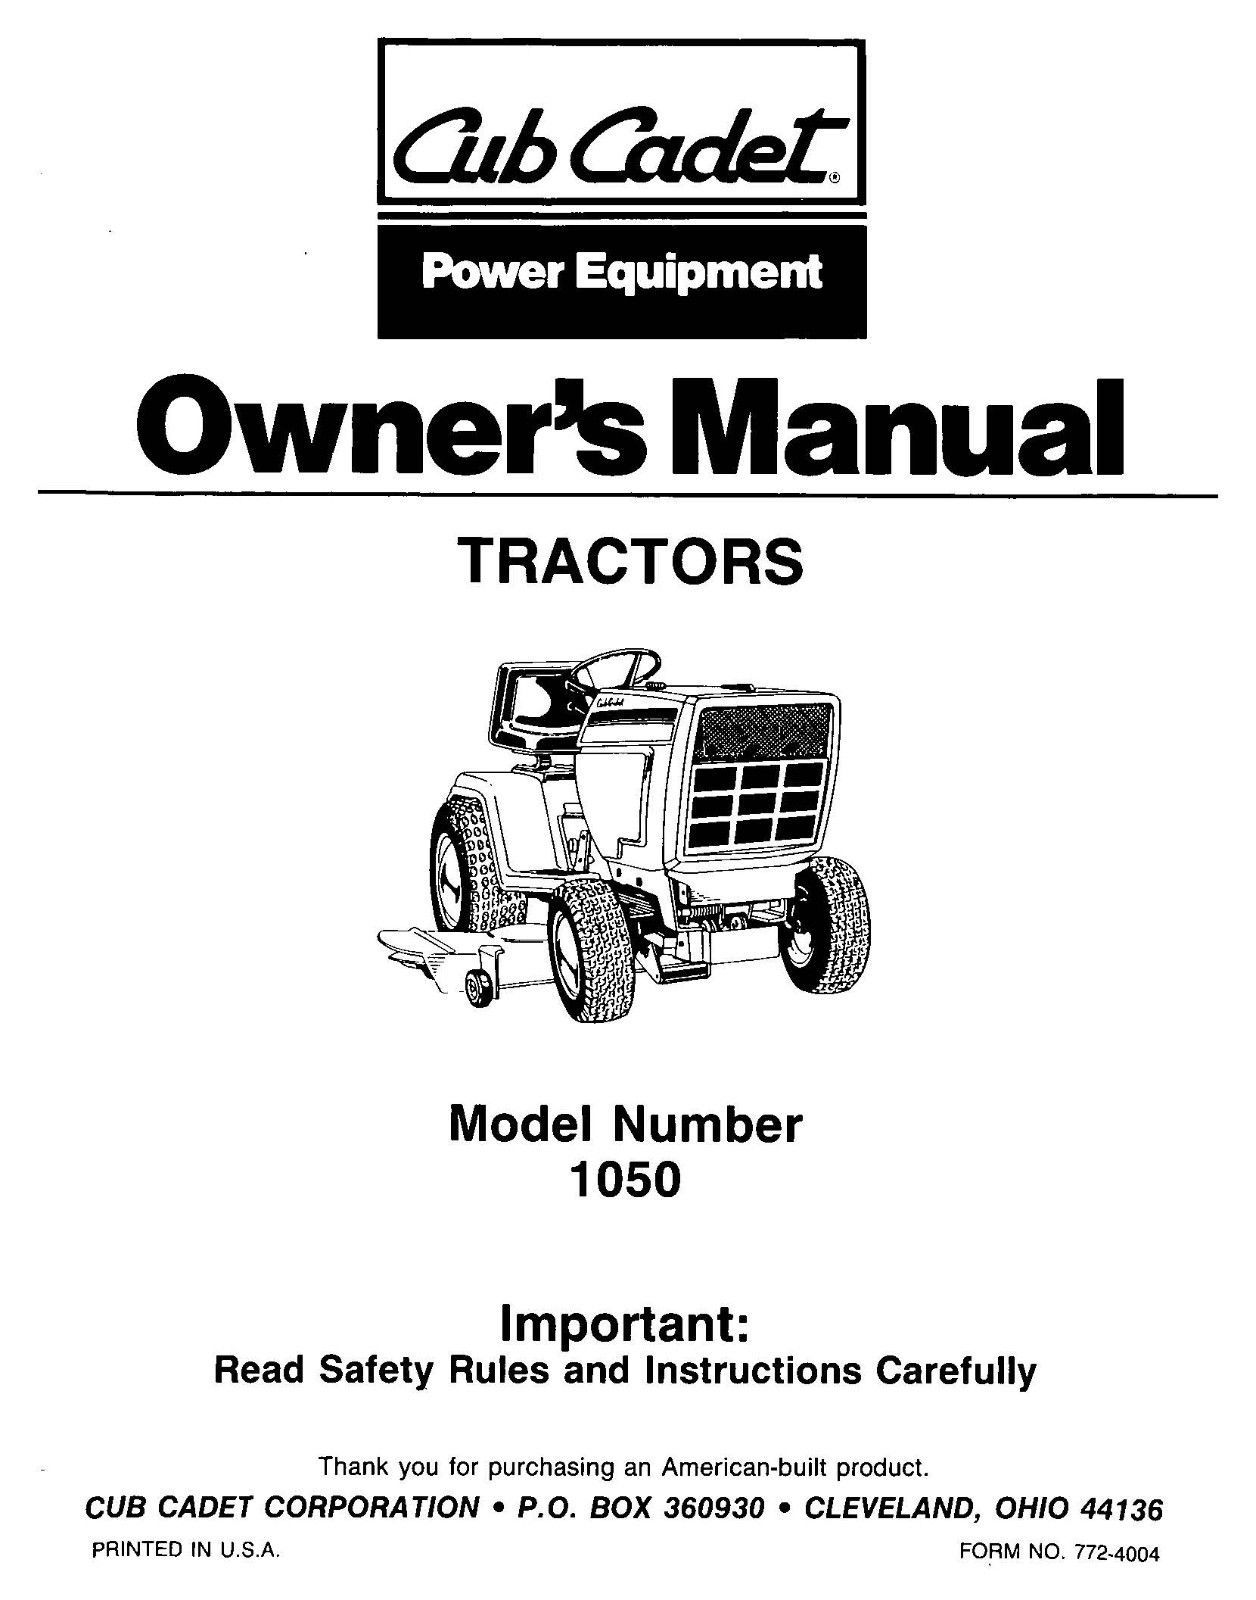 Cub Cadet Lawn Tractor Owners Manual Model No. 1050